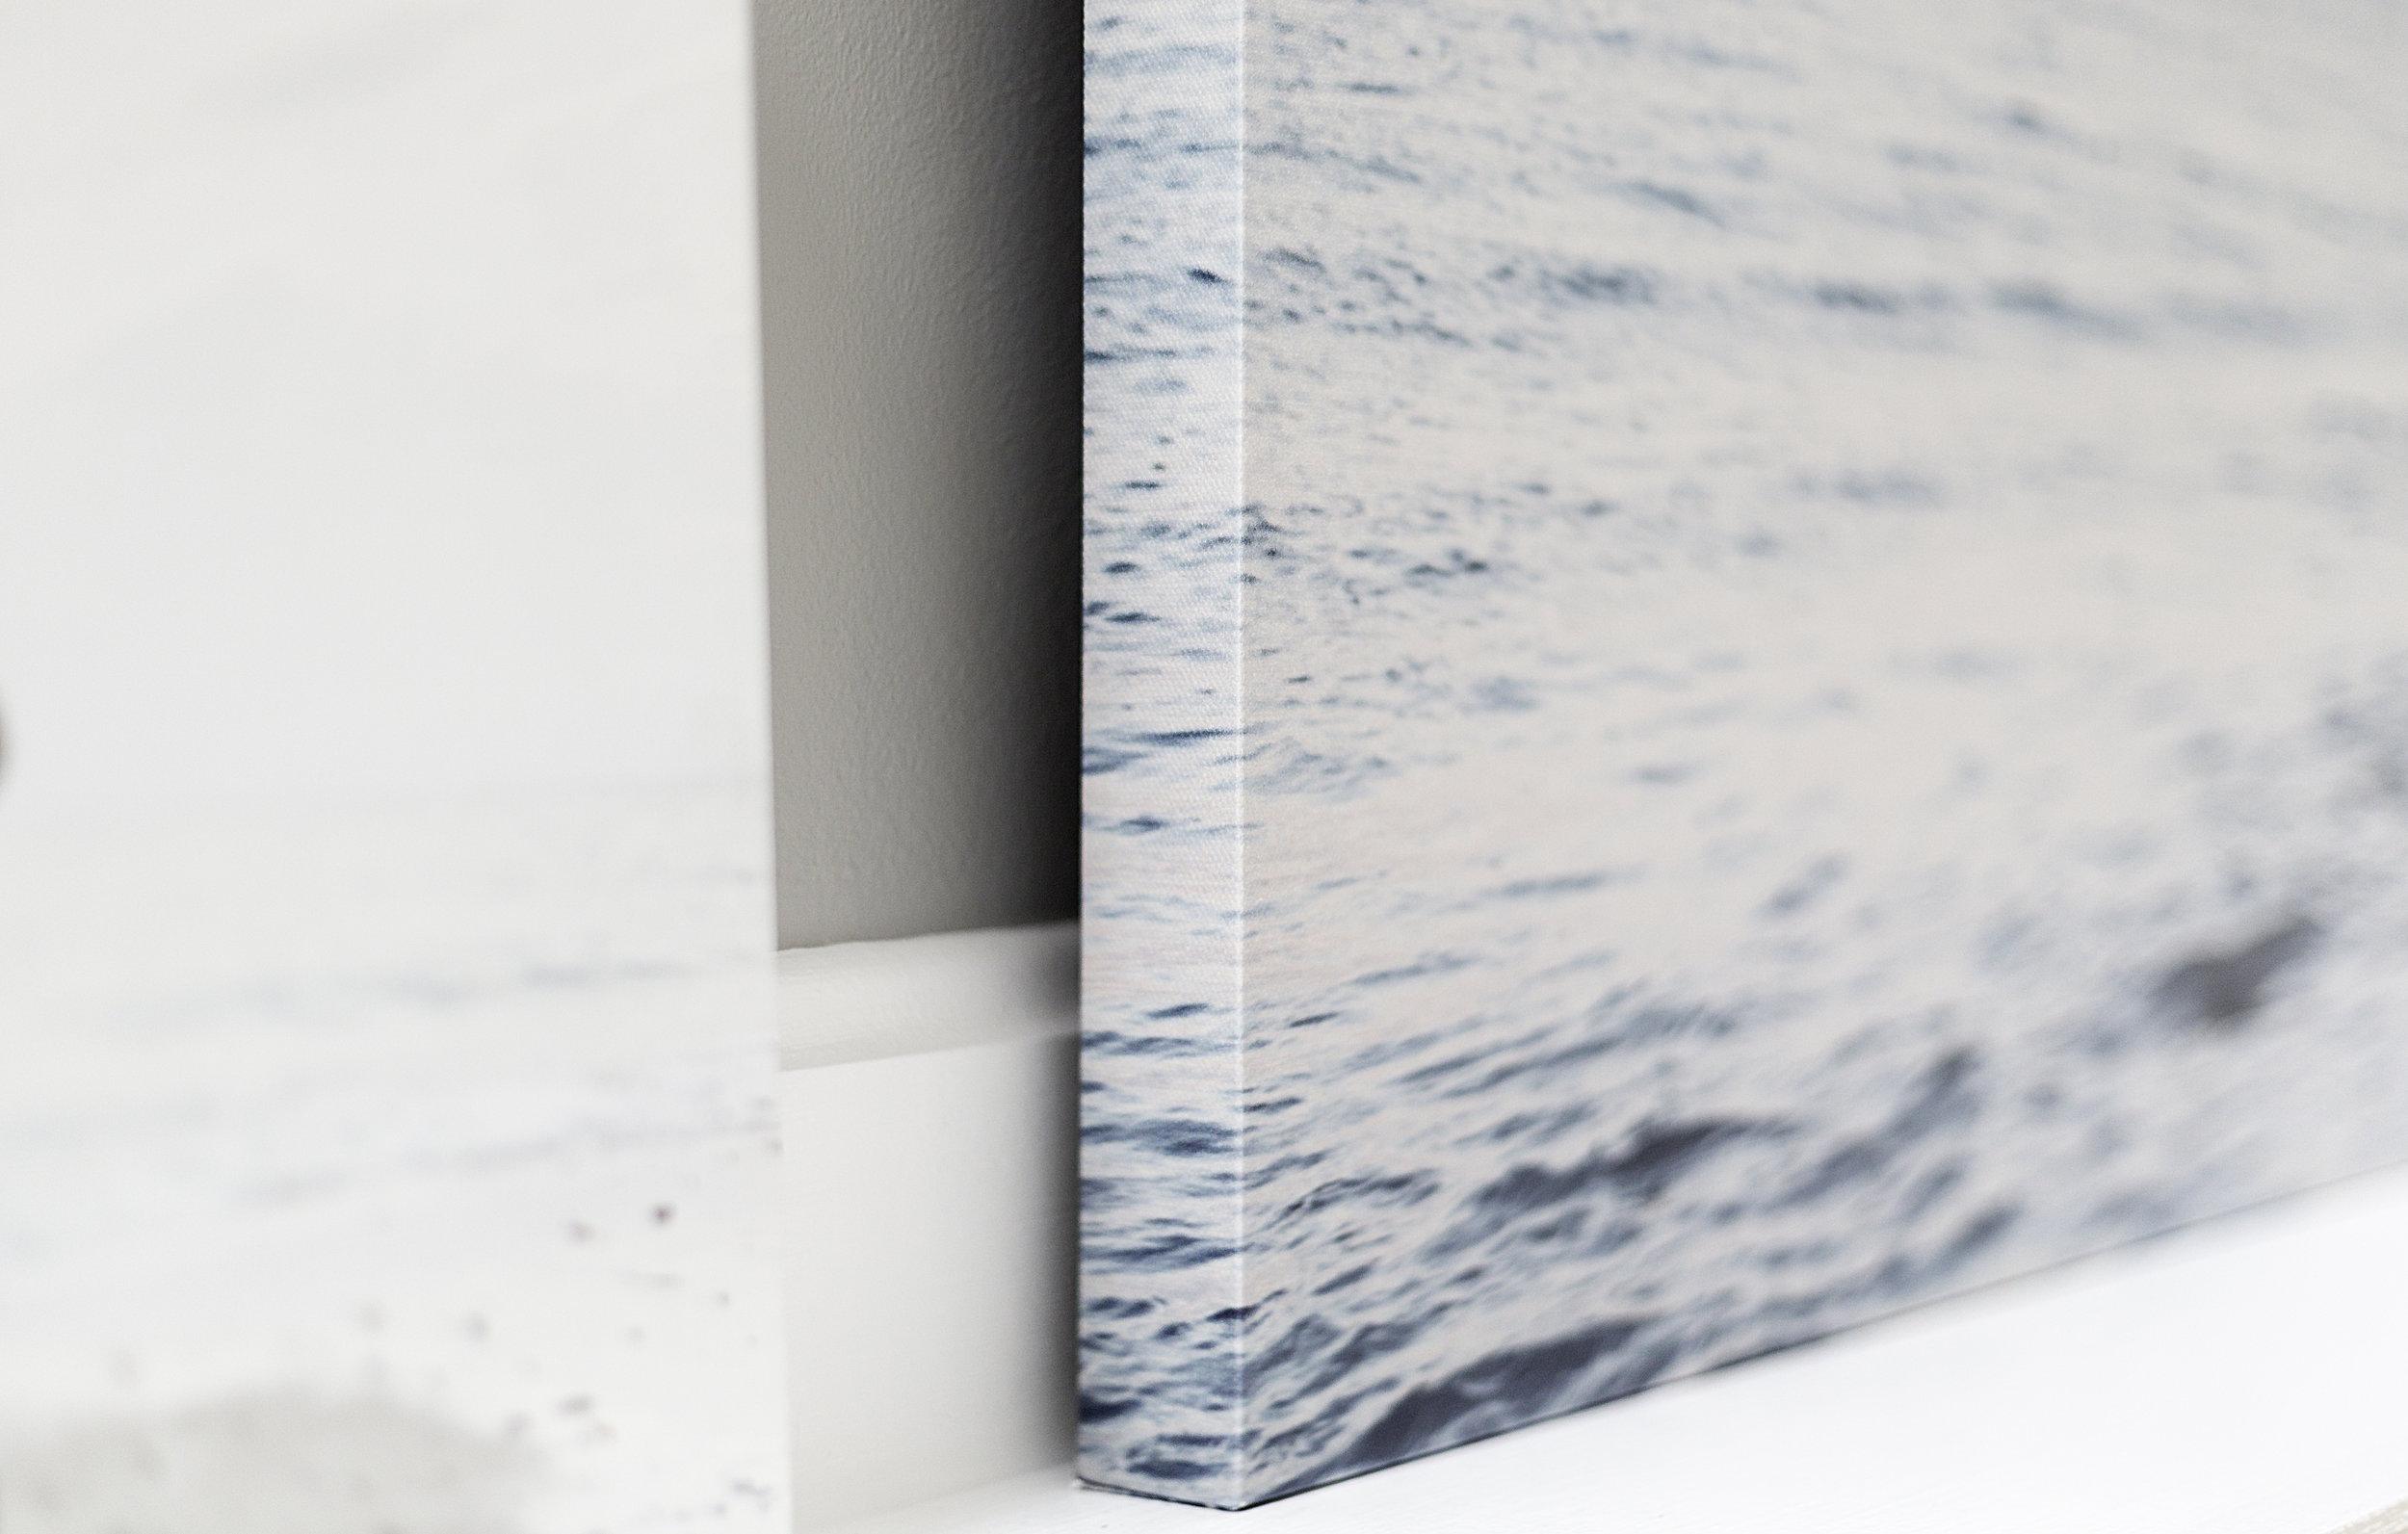 canvas wrap edge.jpg